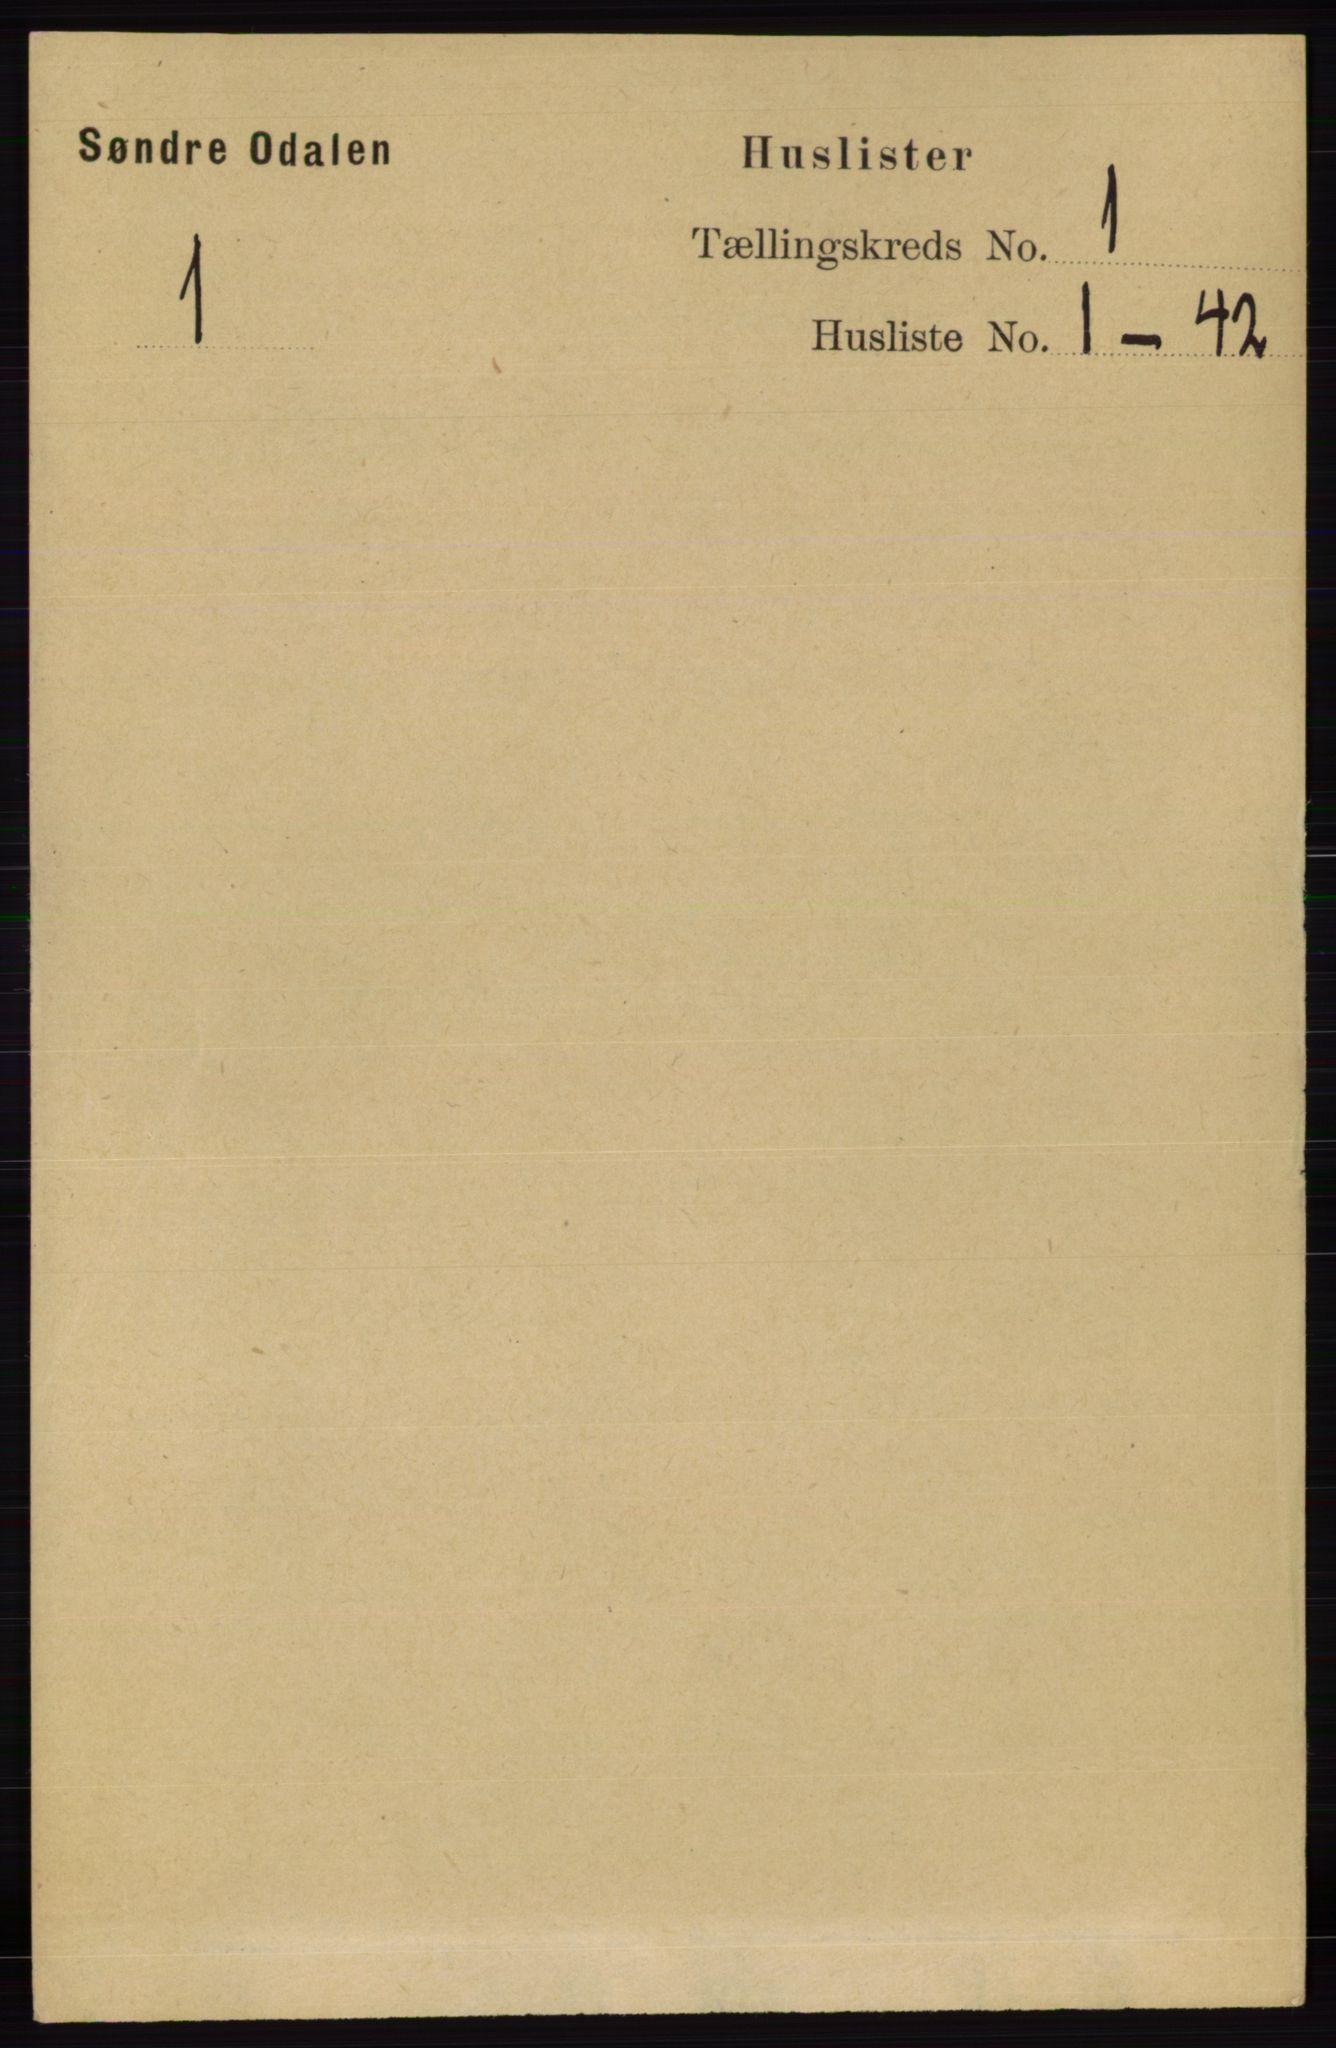 RA, Folketelling 1891 for 0419 Sør-Odal herred, 1891, s. 55